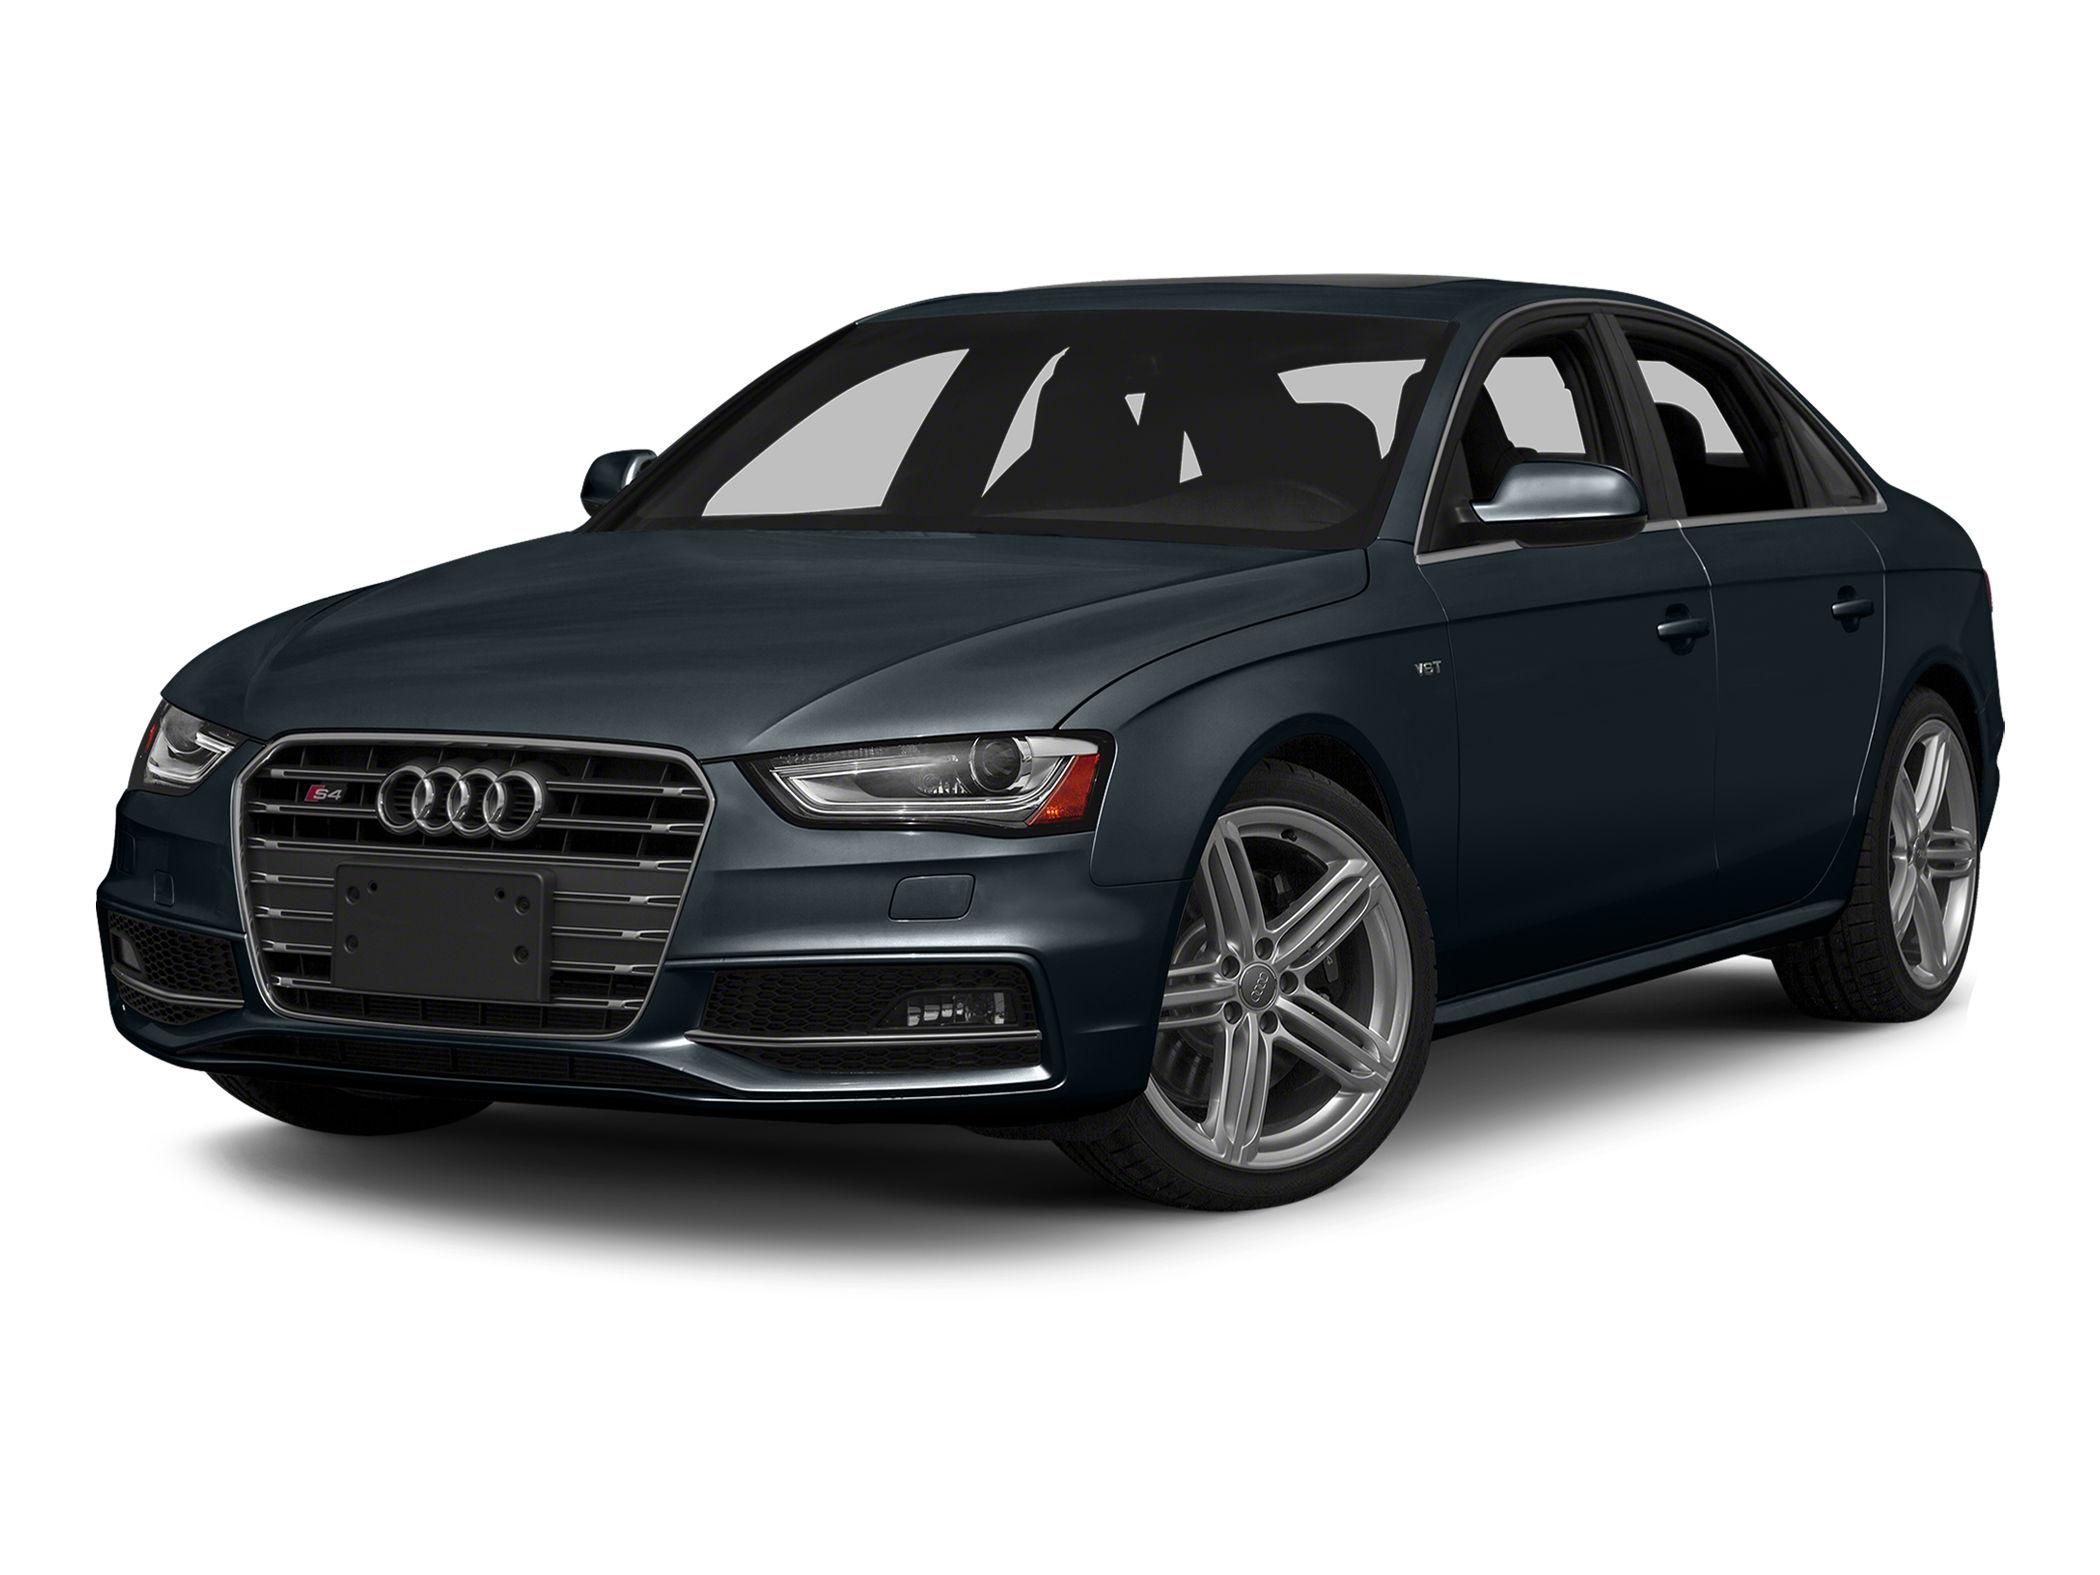 Pre Owned 2015 Audi S4 3 0t Technik Plus Quattro 7sp S